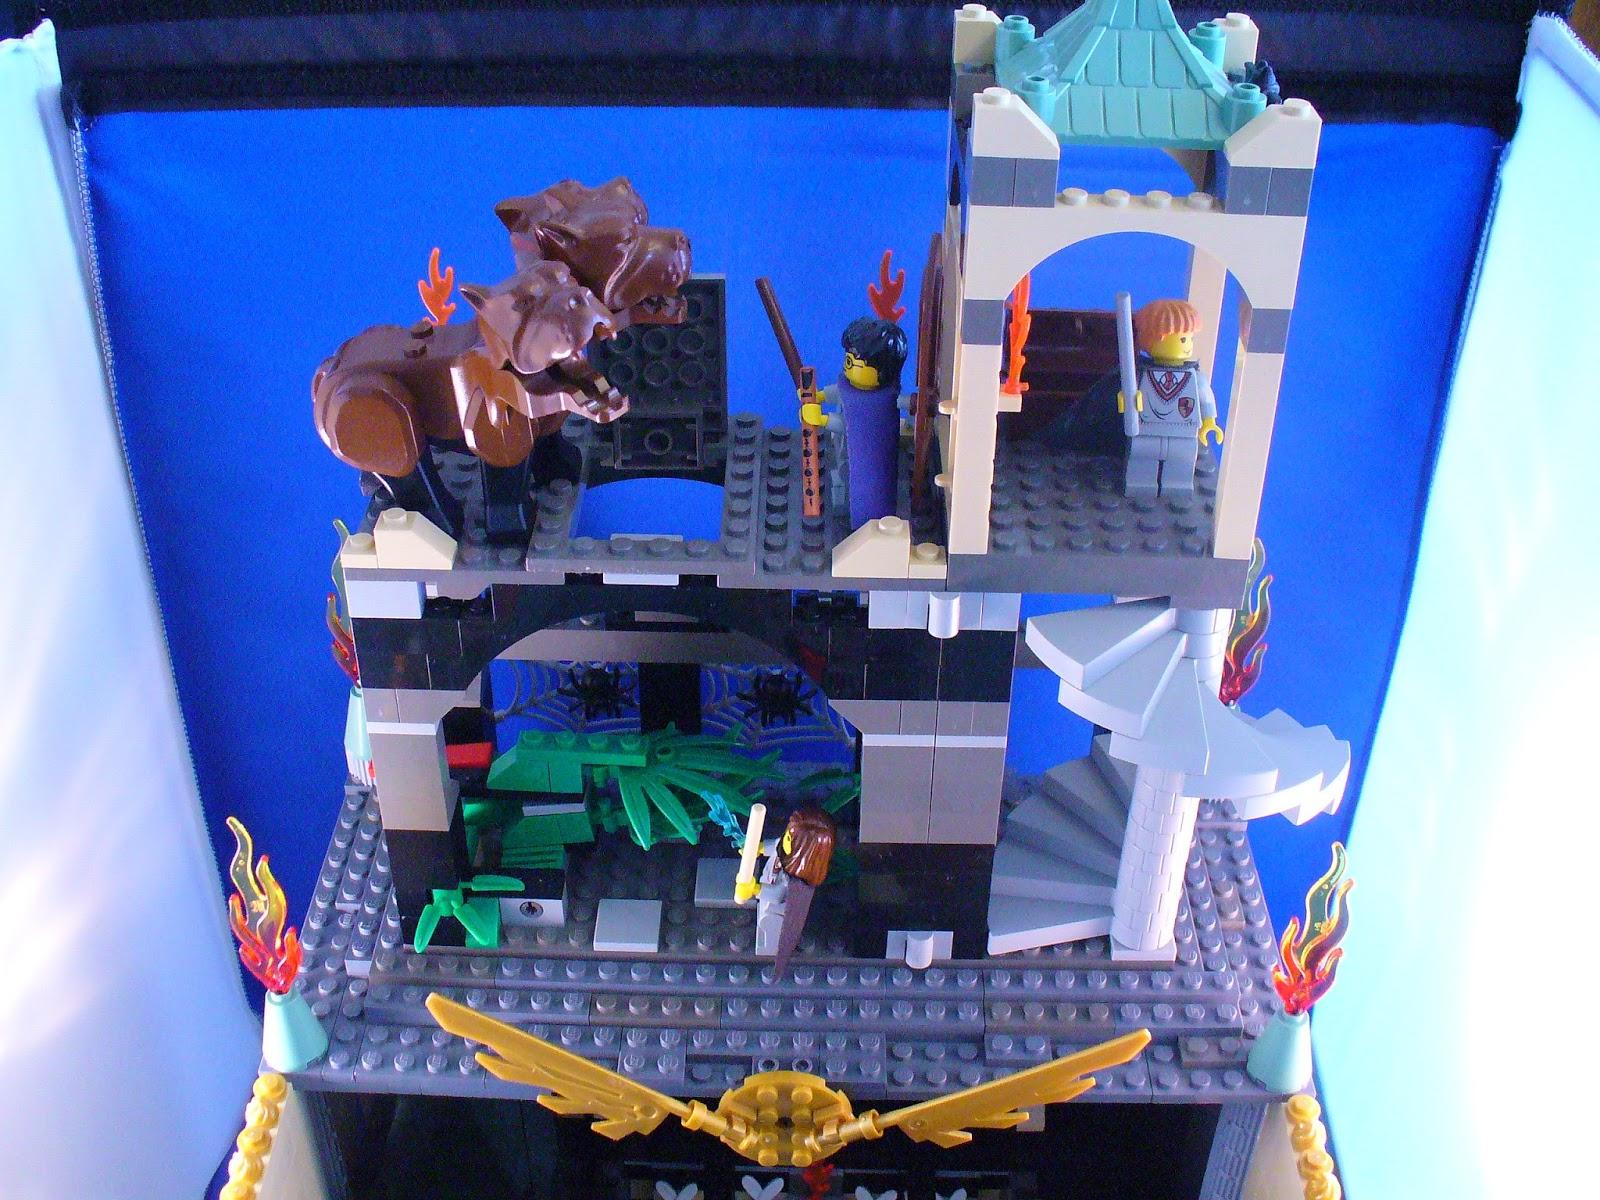 Società di archeologia e cimeli: Harry Potter and the